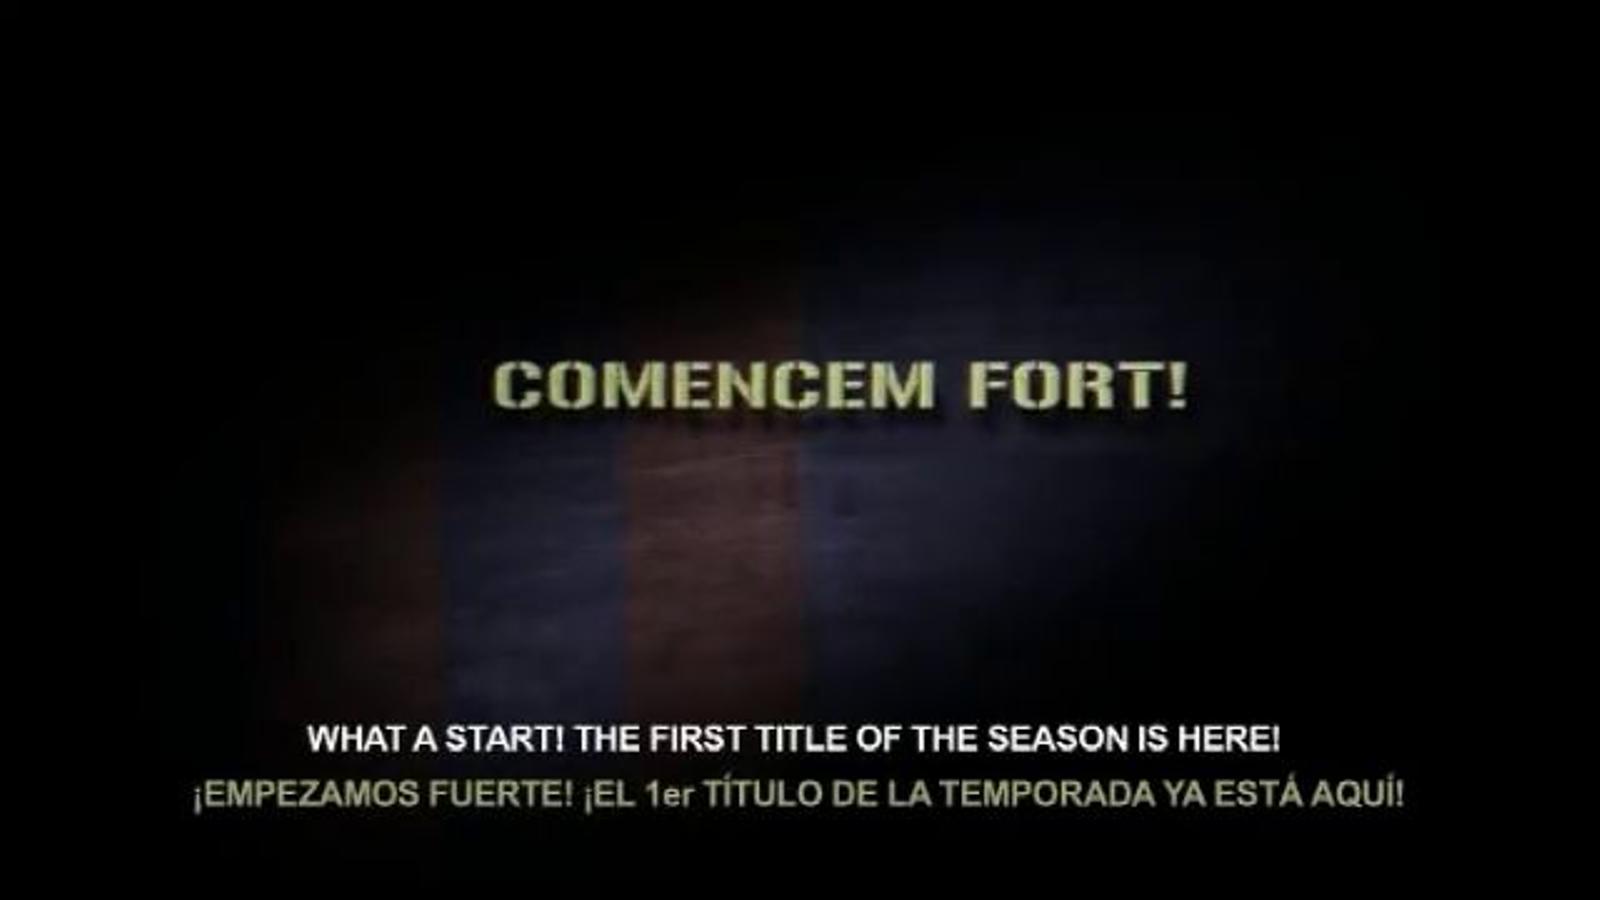 El Barça prepara un vídeo de promoció per la Supercopa